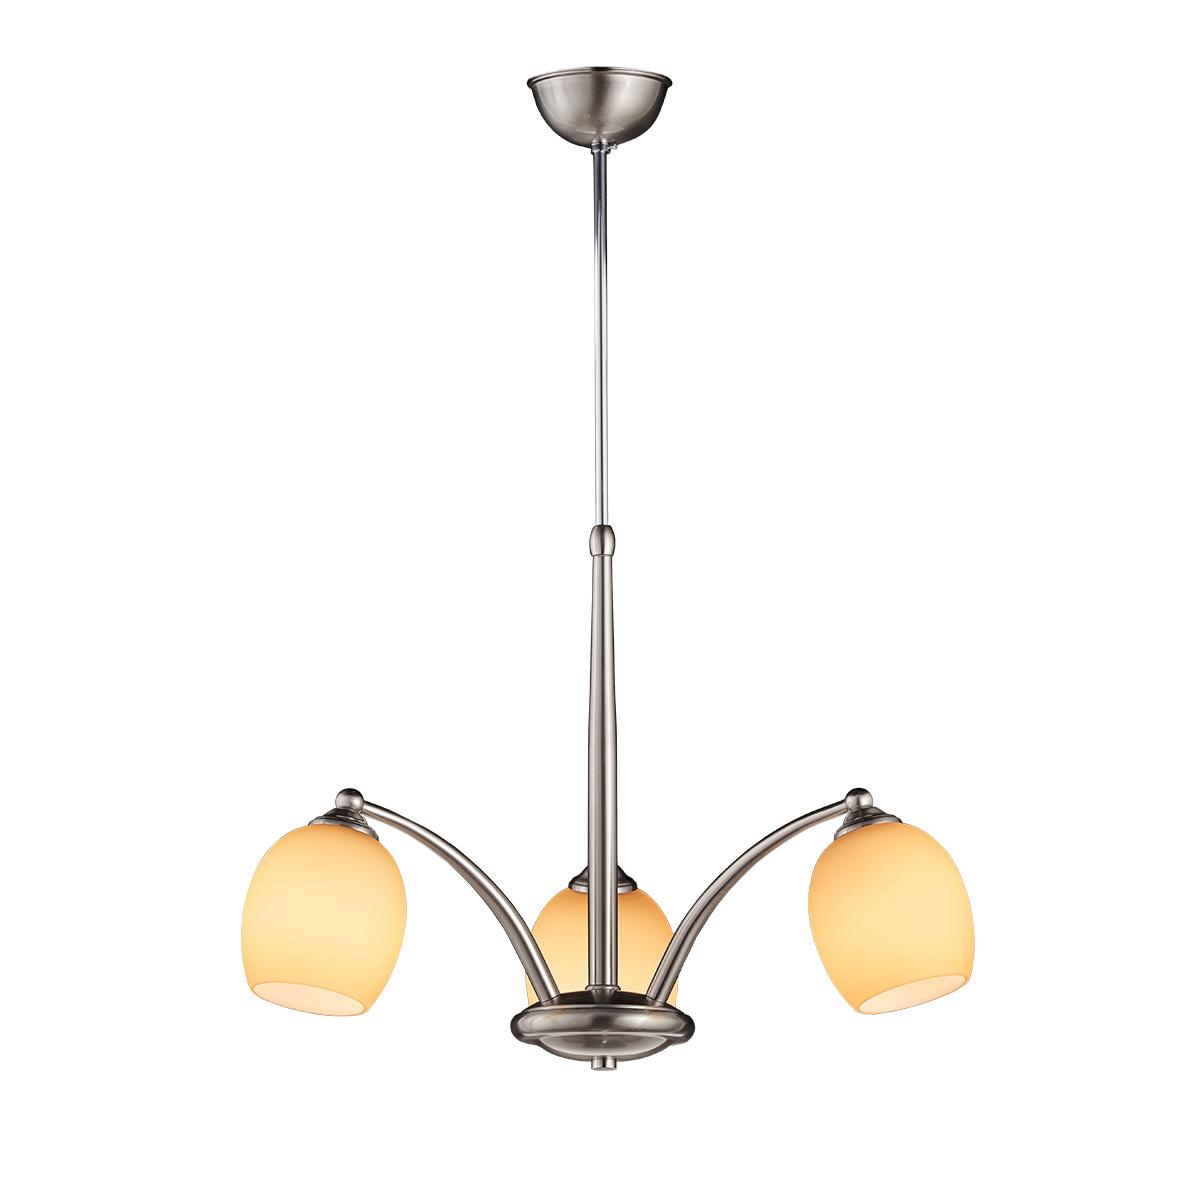 Κρεμαστό πολυφωτάκι SWING chandelier